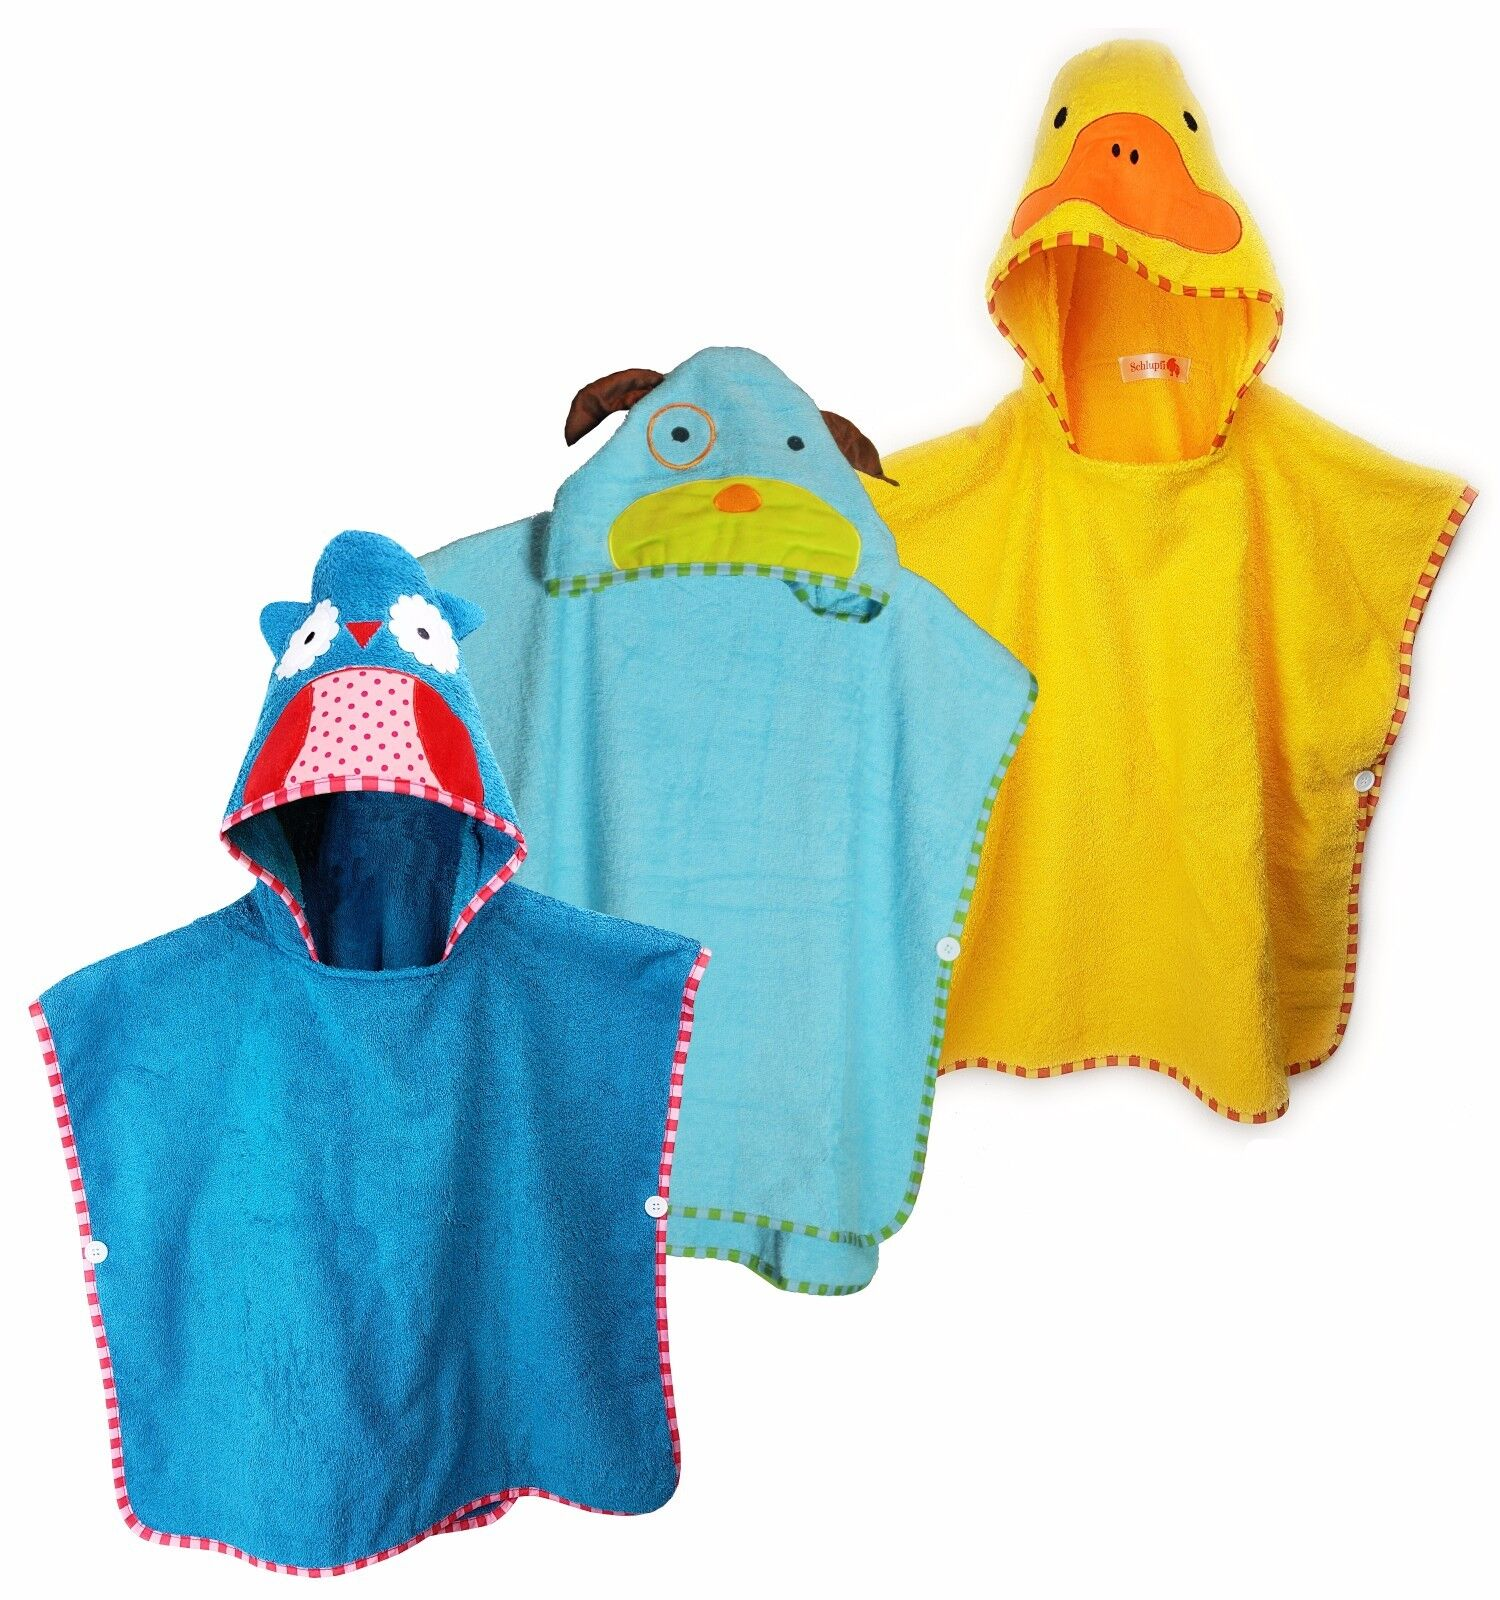 Schlupfi® Badeponcho Kinder, Handtuch Baby (Jungen & Mädchen) -100% Baumwolle